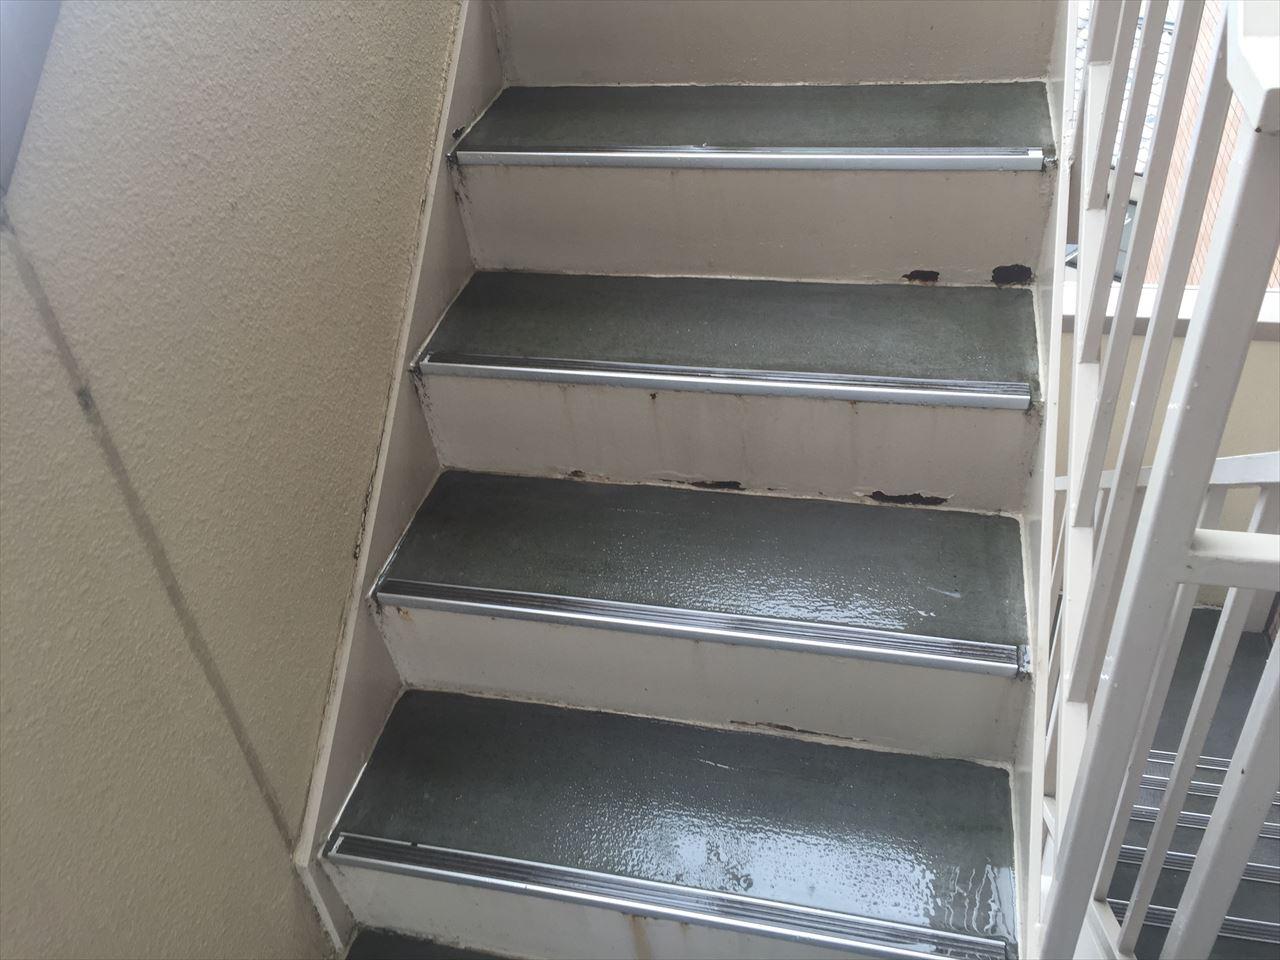 上京区Gマンション様階段シート張替工事の施工前写真その1